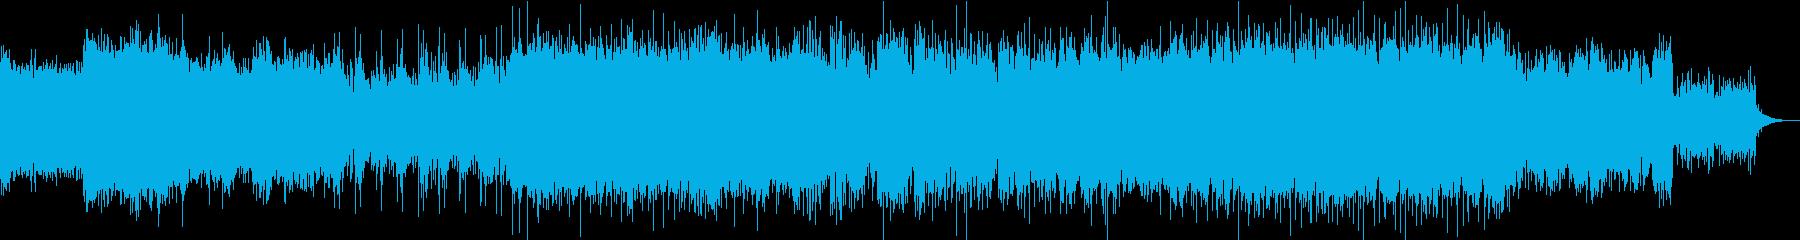 夕暮れに向かう力強いバラード・サントラの再生済みの波形